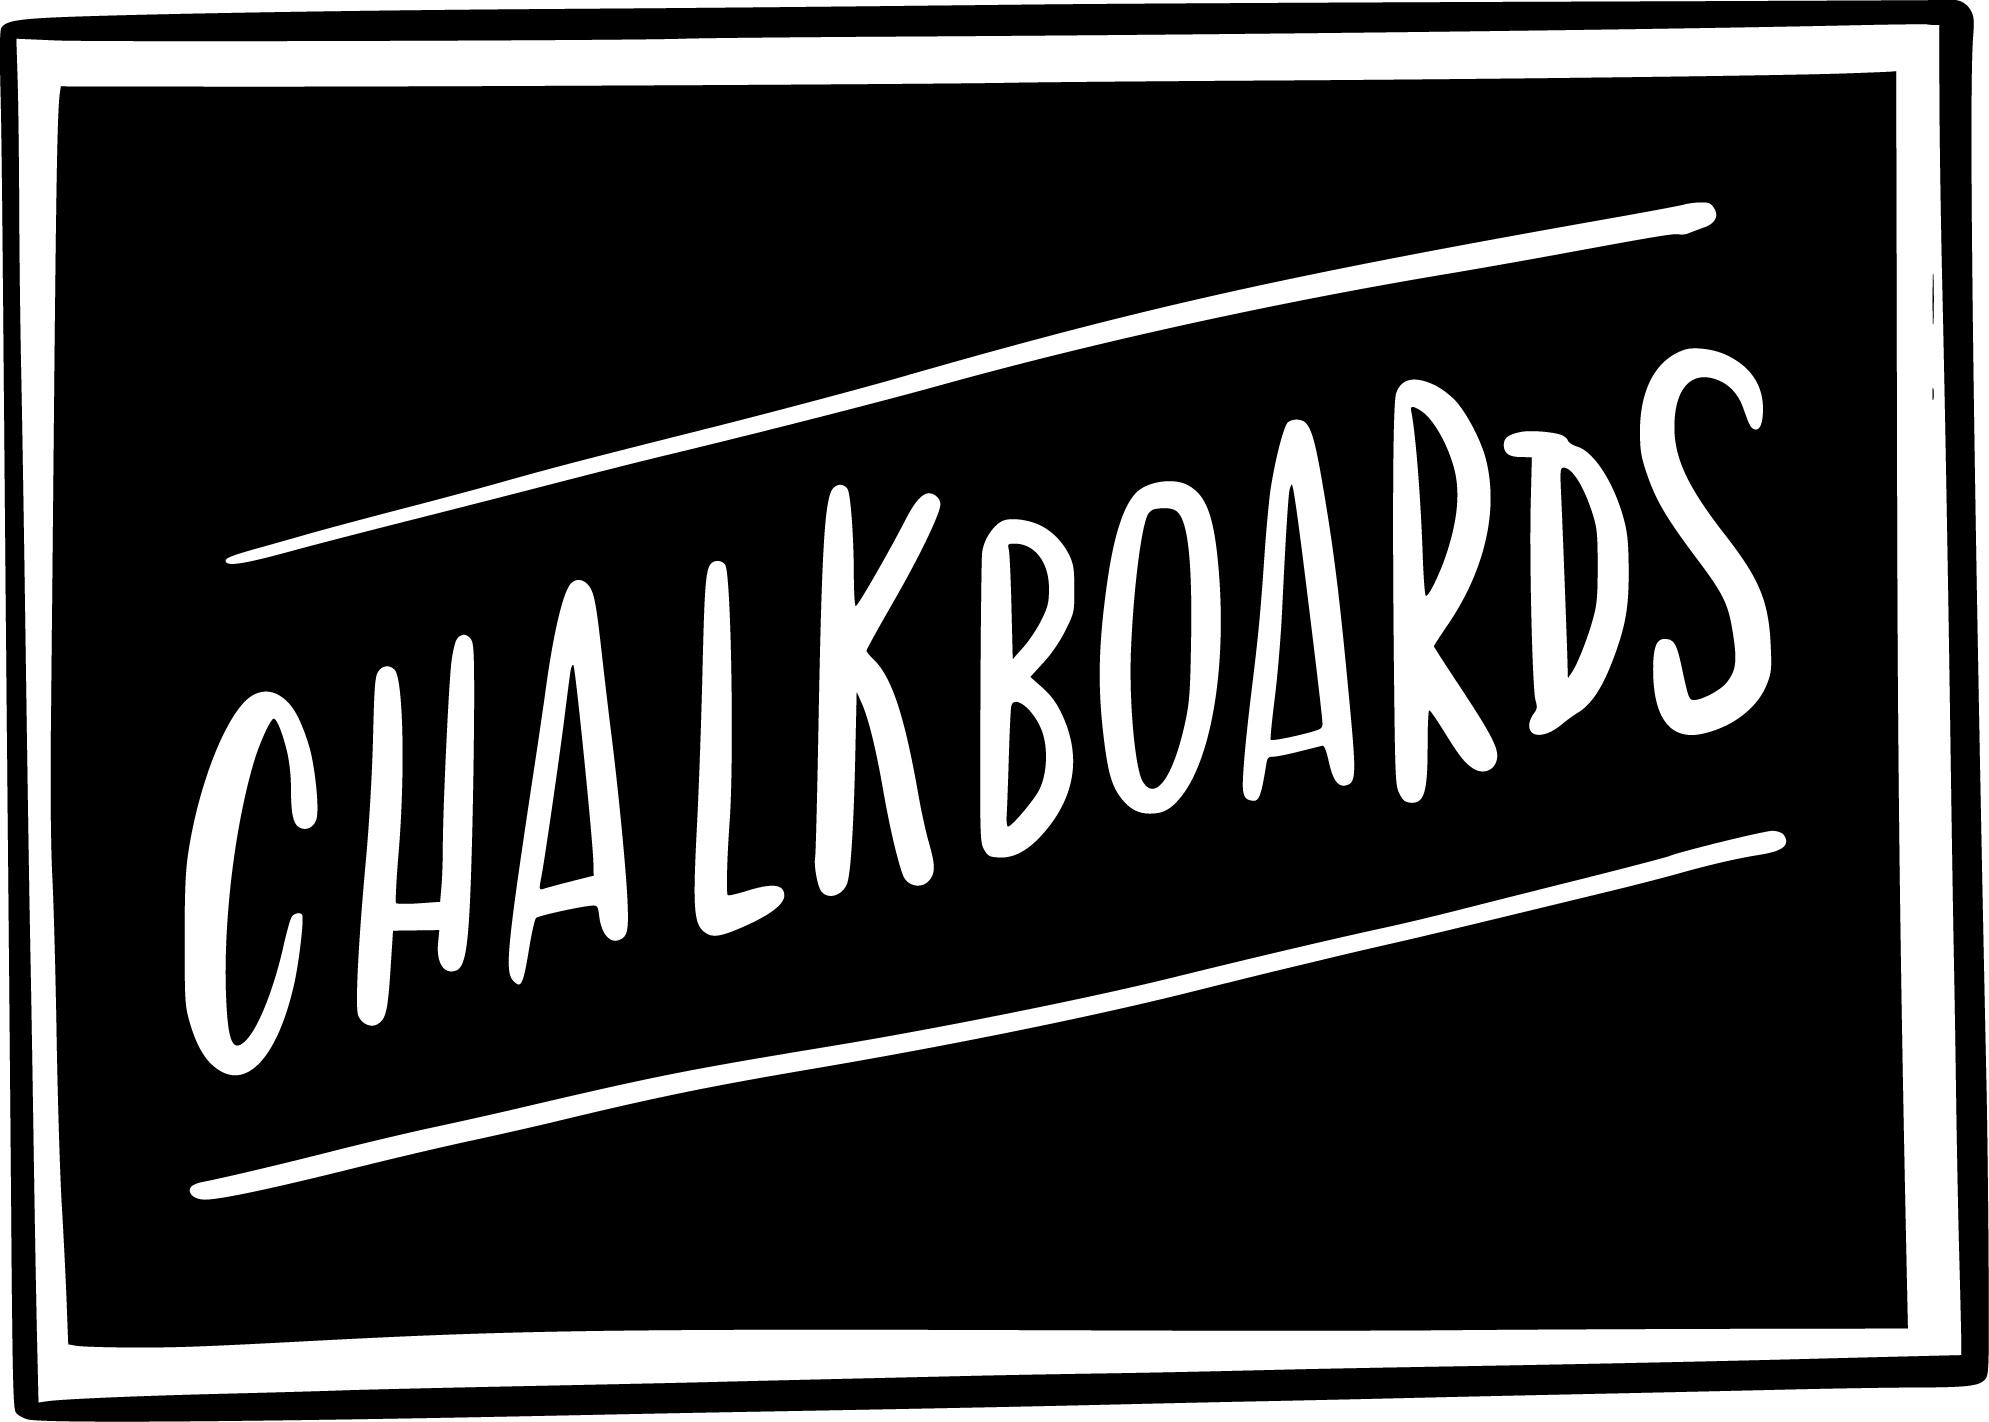 cchalkboards_title_slice.jpg